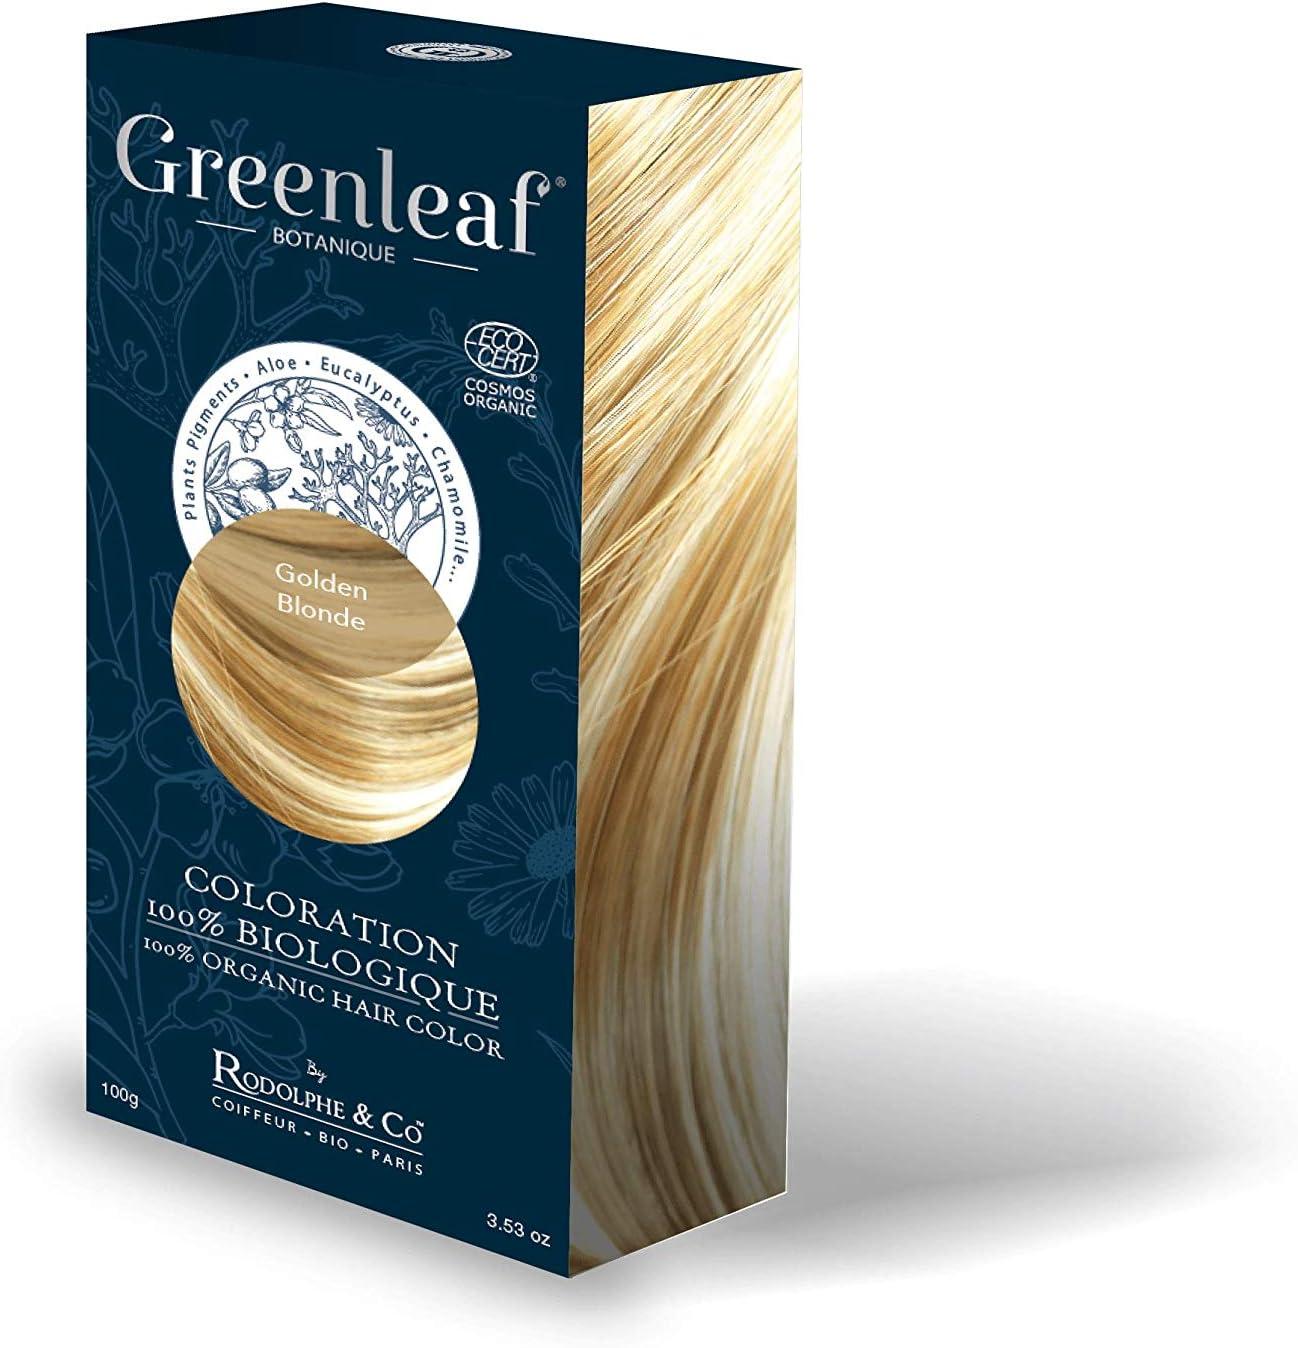 Greenleaf Coloración 100% biológica 100 g – Golden Rubio